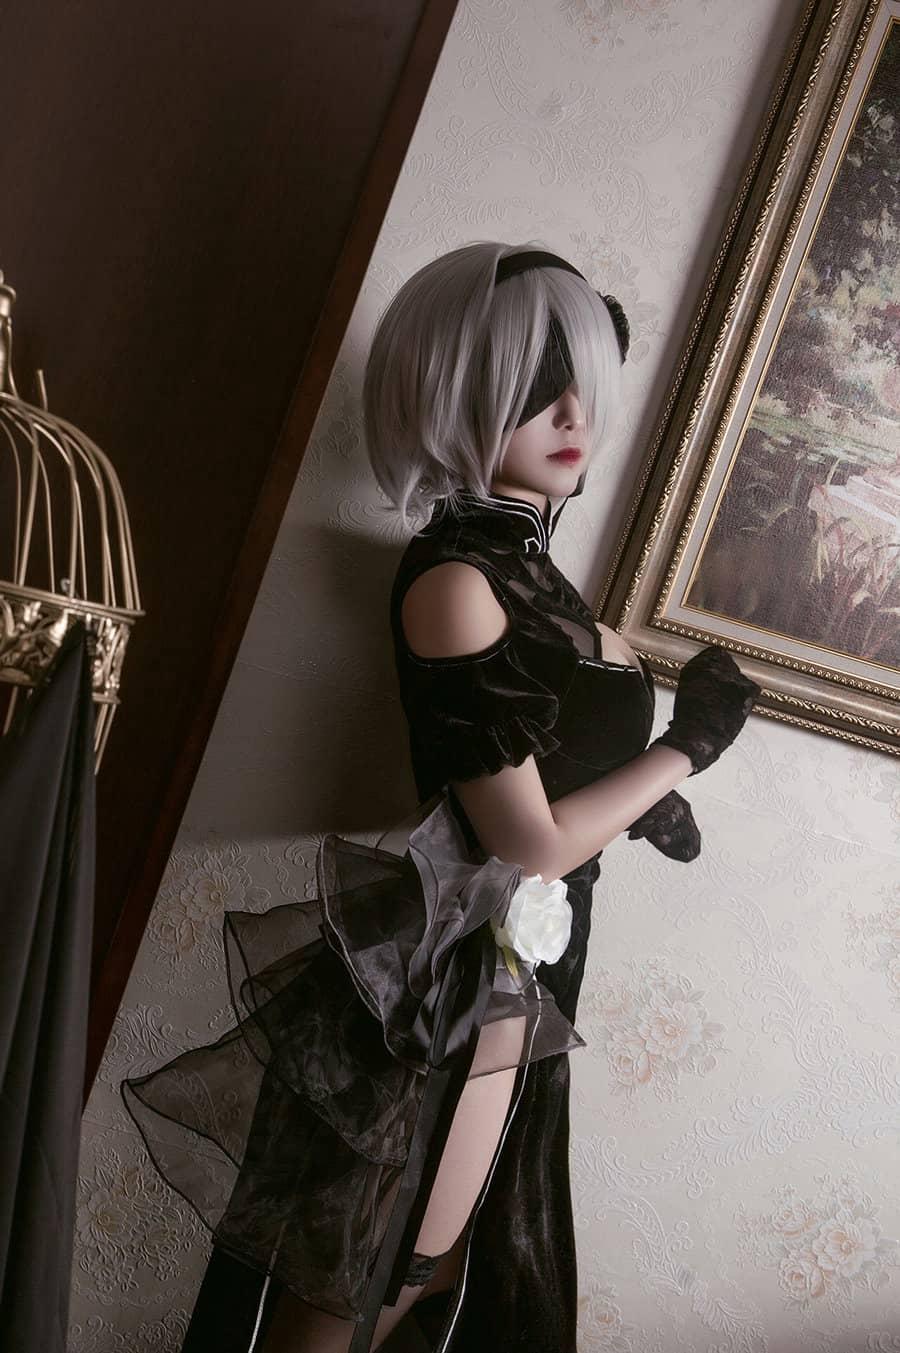 兔玩映画 旗袍的2B小姐姐 [45P190M]